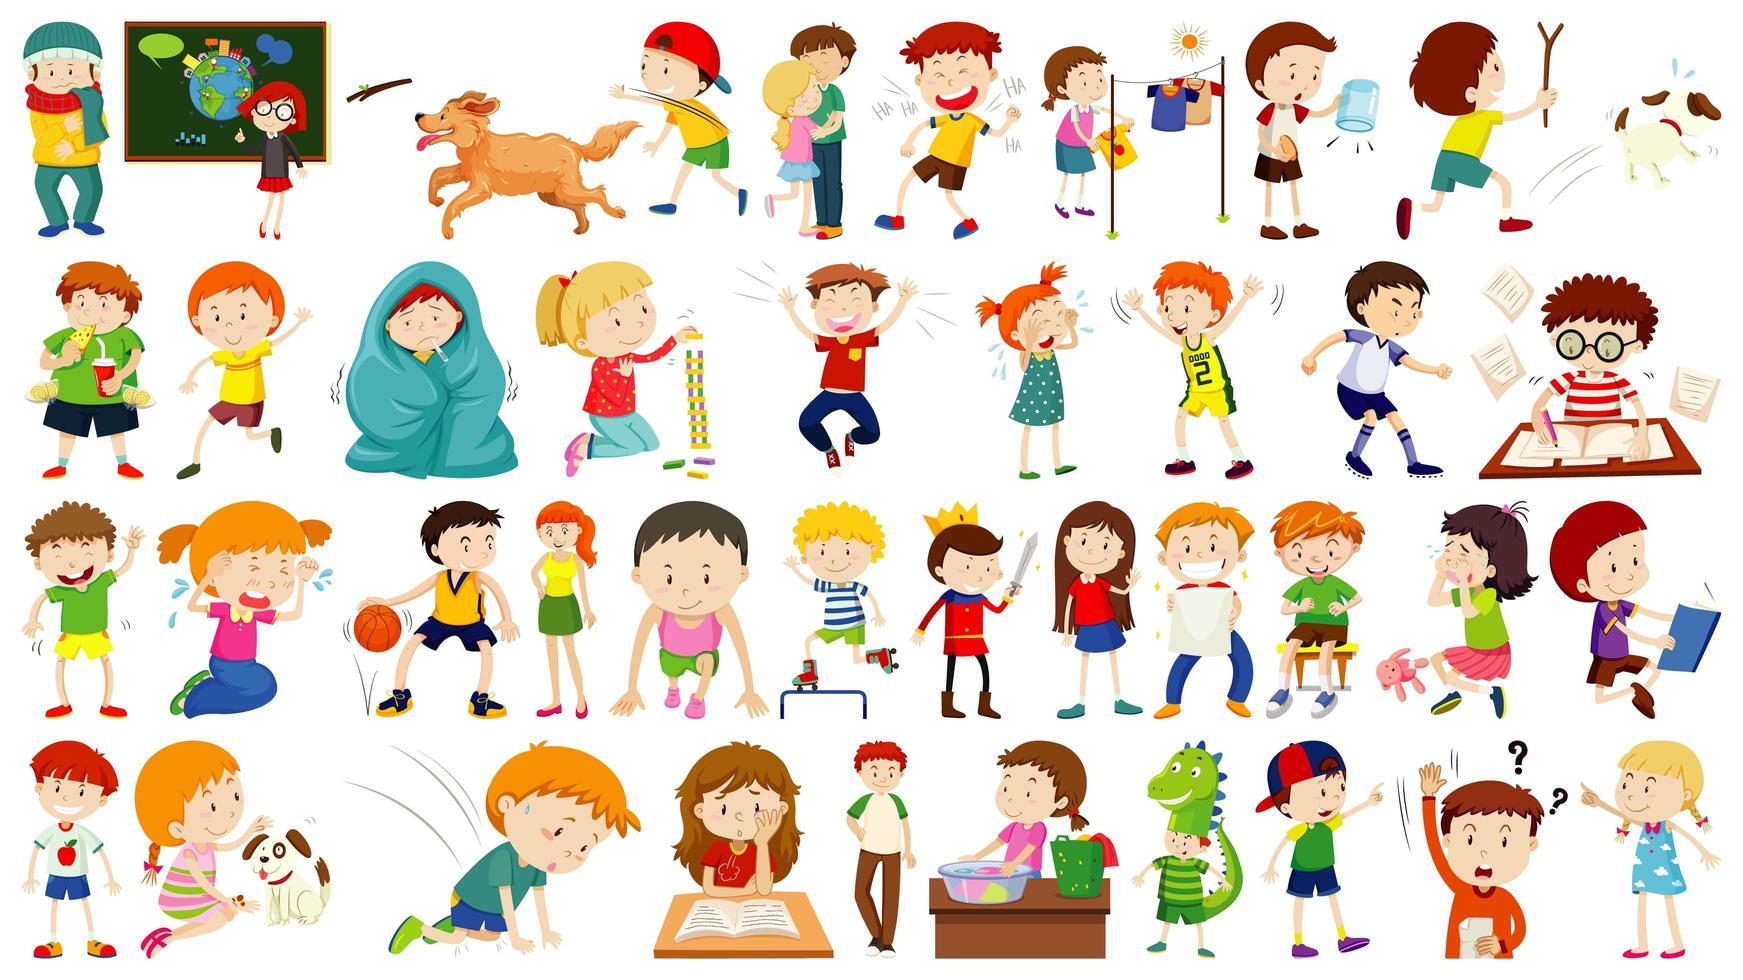 uppsättning söta barn seriefigur vektor